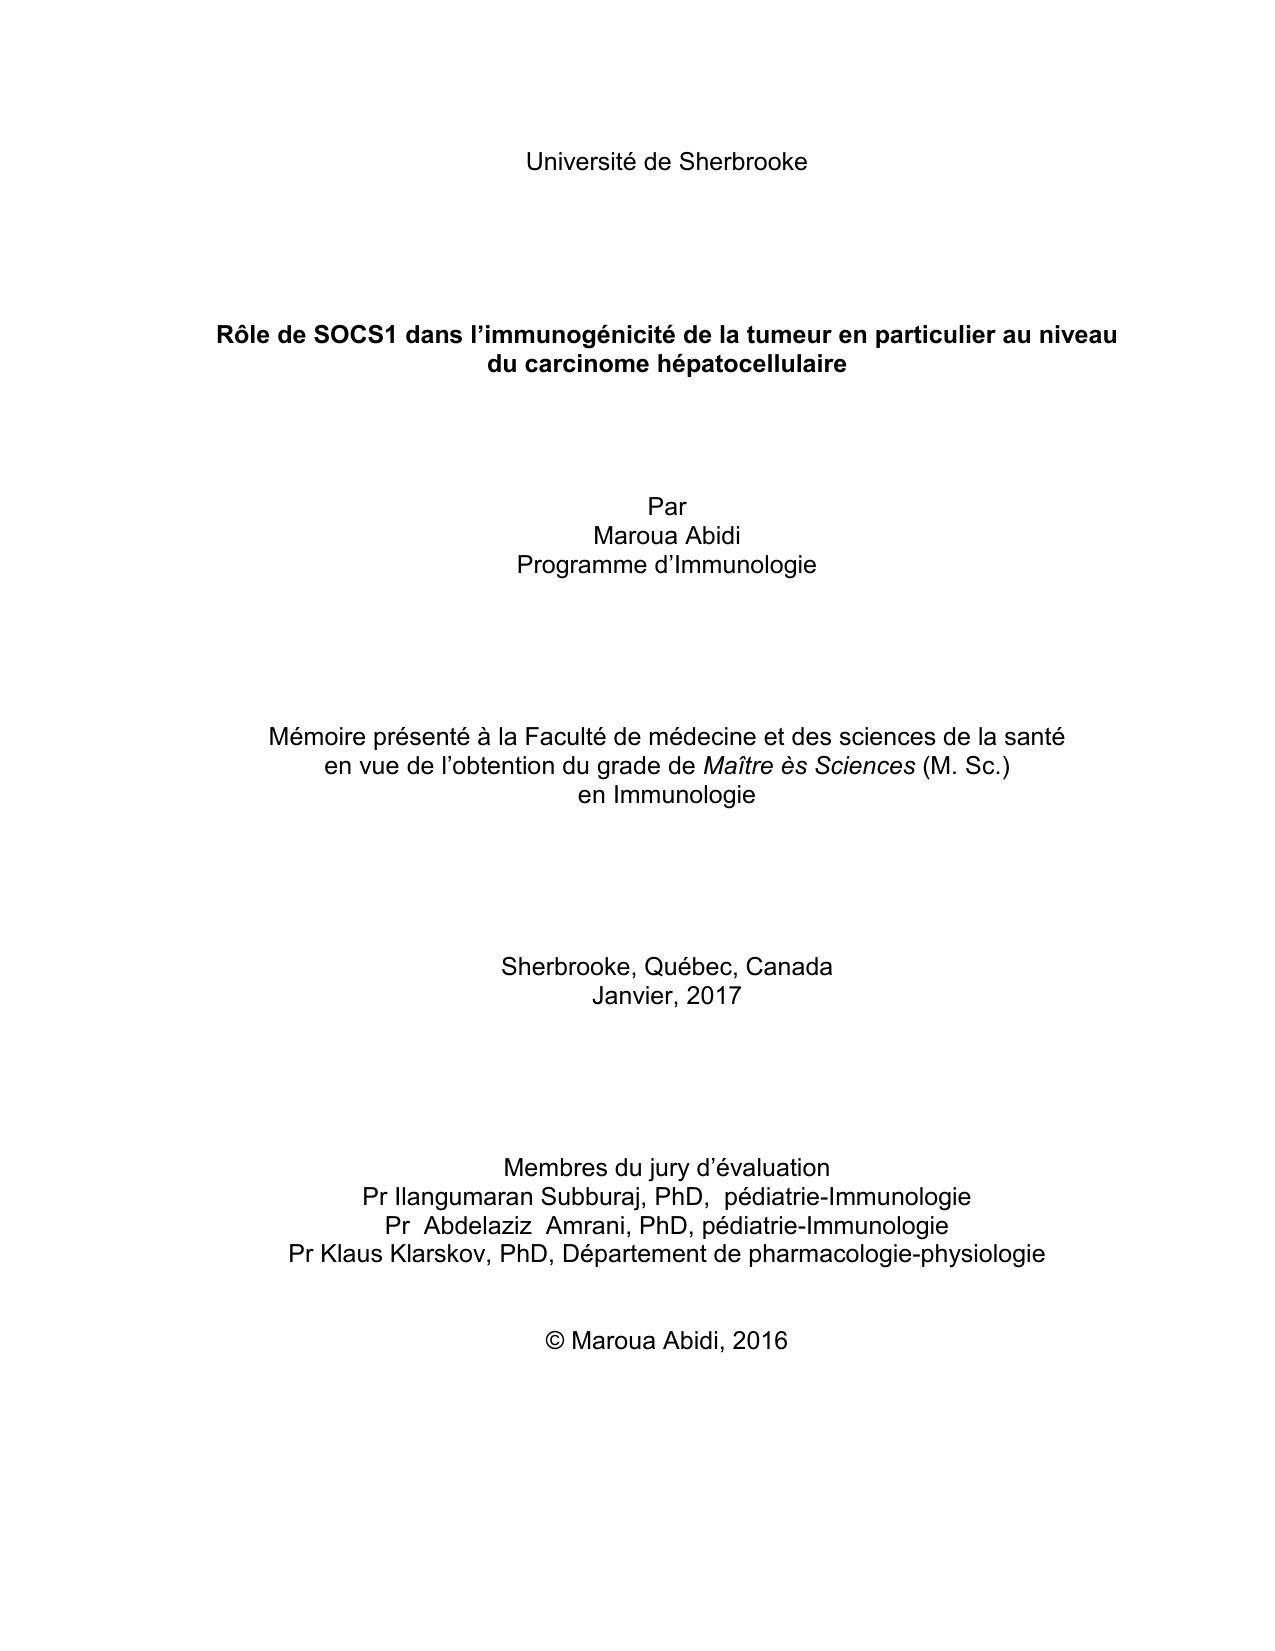 Rencontre PhD superviseur